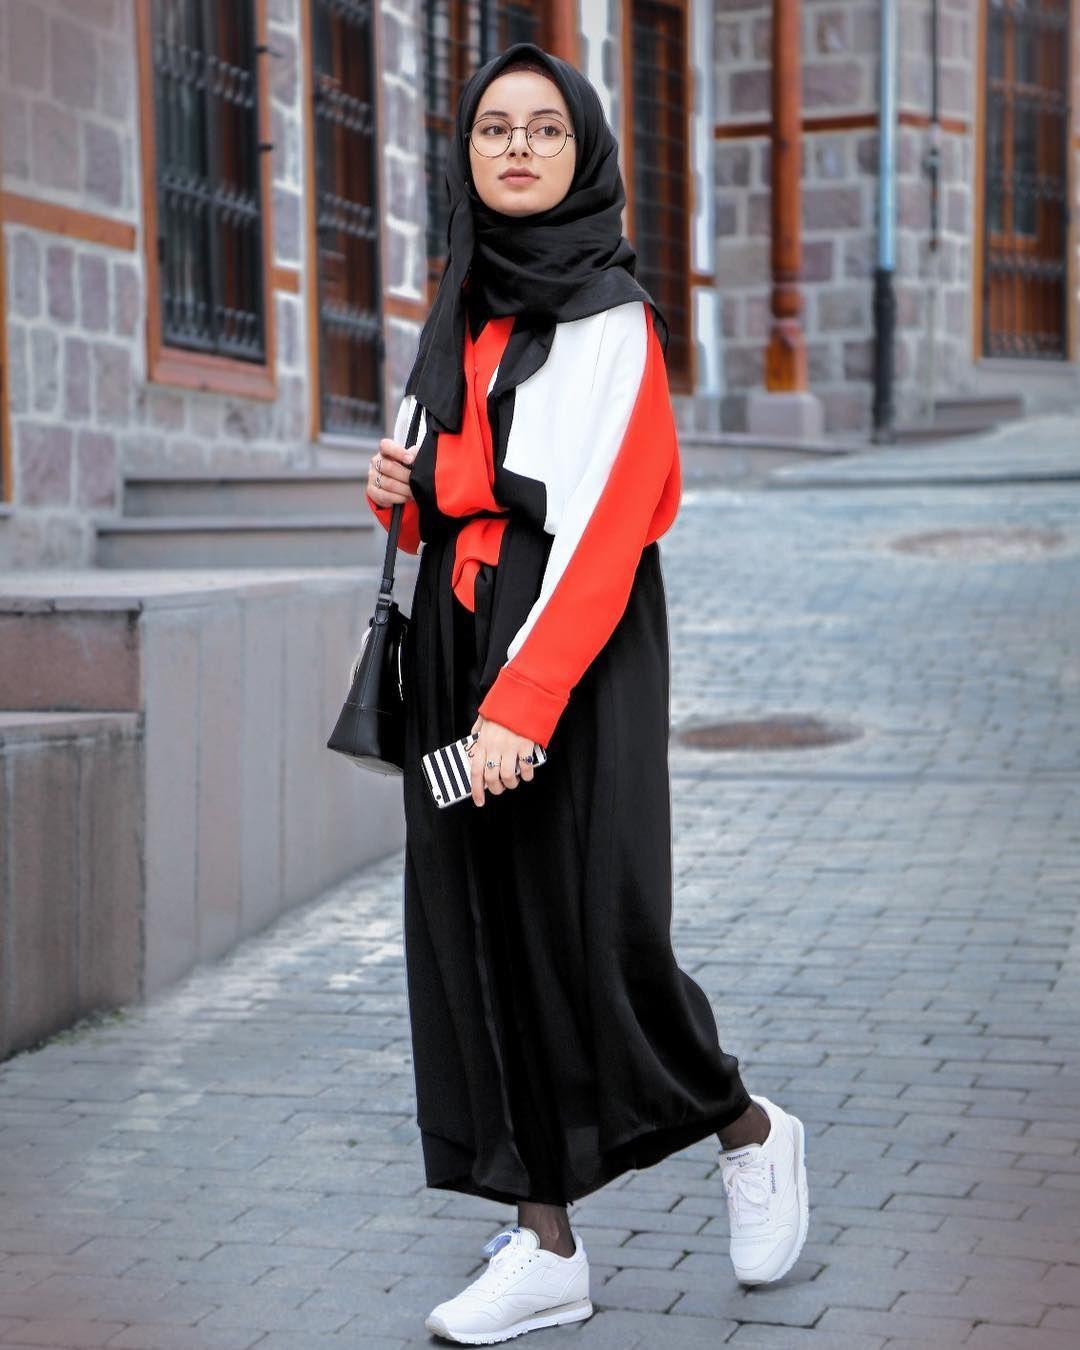 بالصور نساء محجبات , اجمل صورة للمراة المحجبة روعة 1054 16